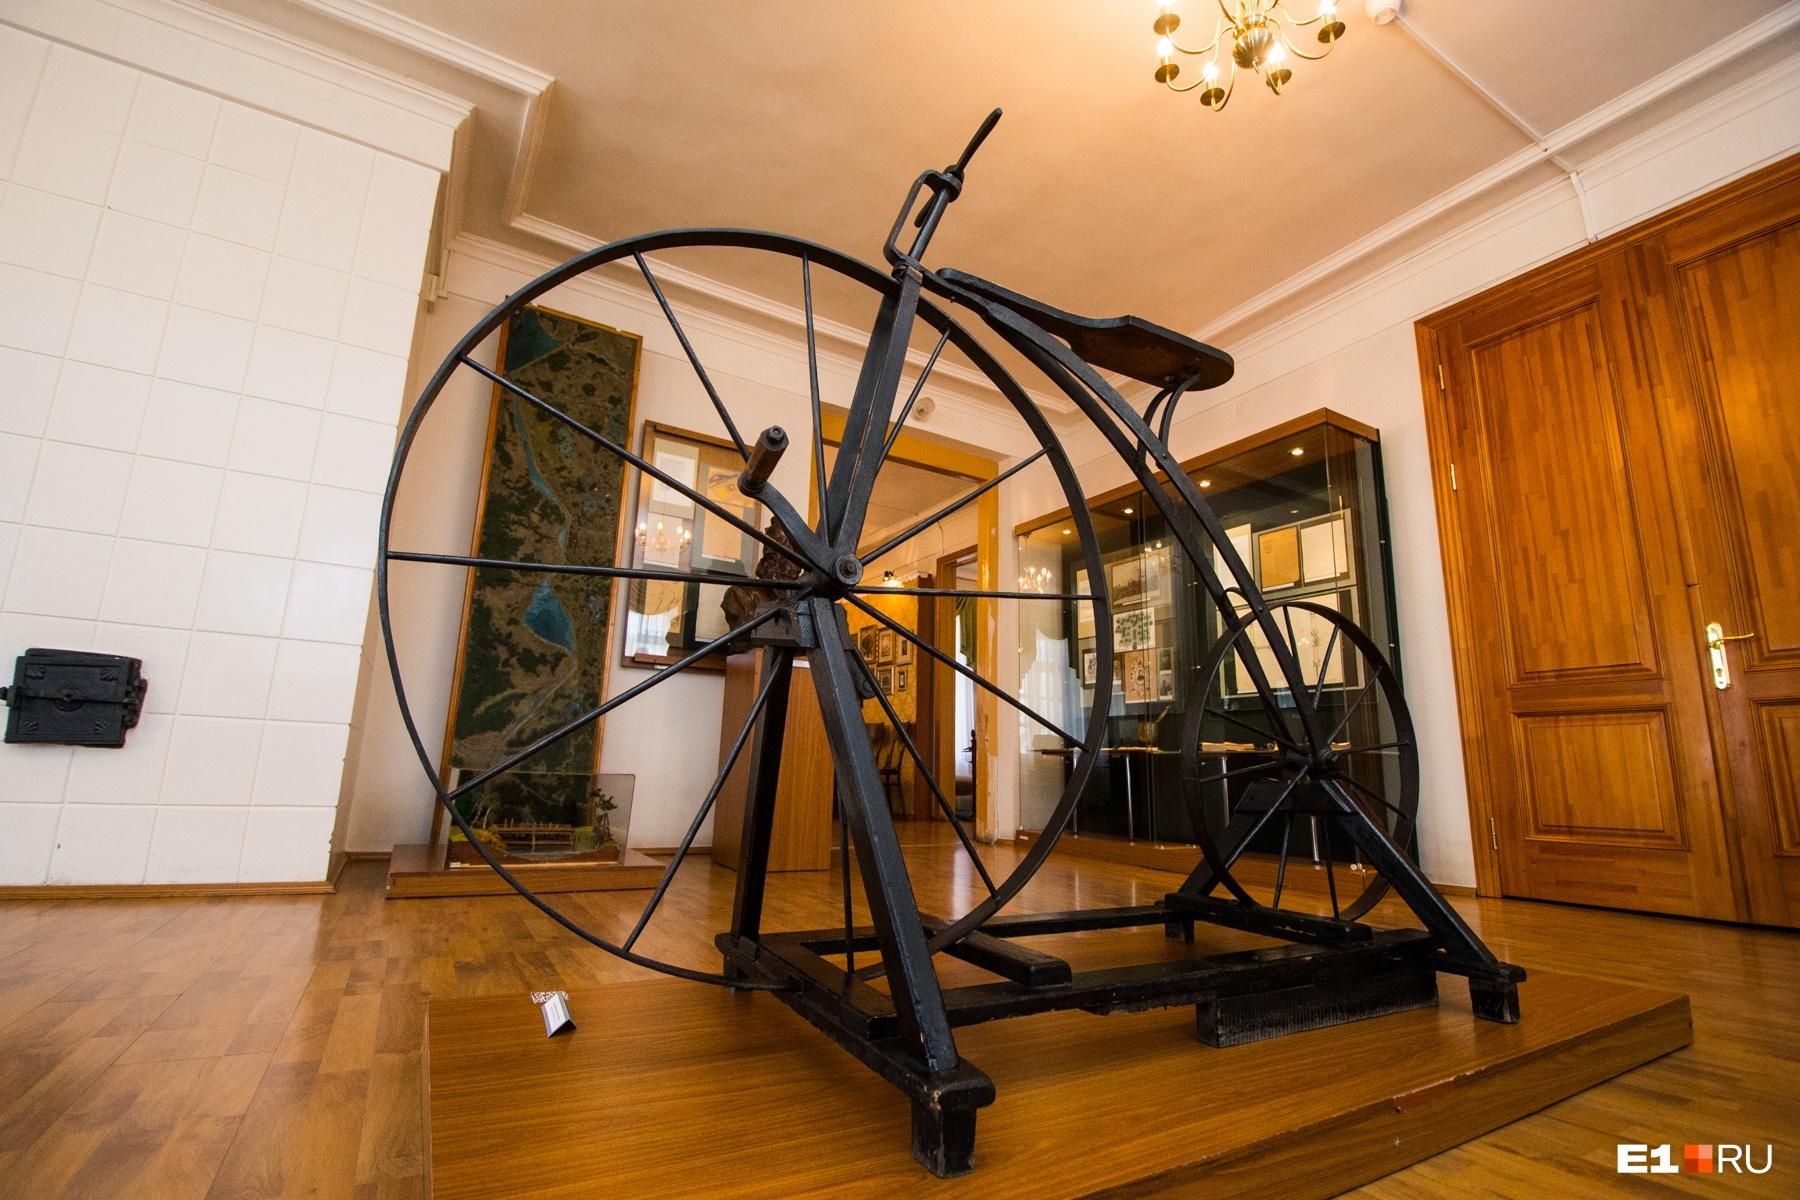 Велосипед Артамонова. На улице есть его копия, на которой каждый может сфотографироваться